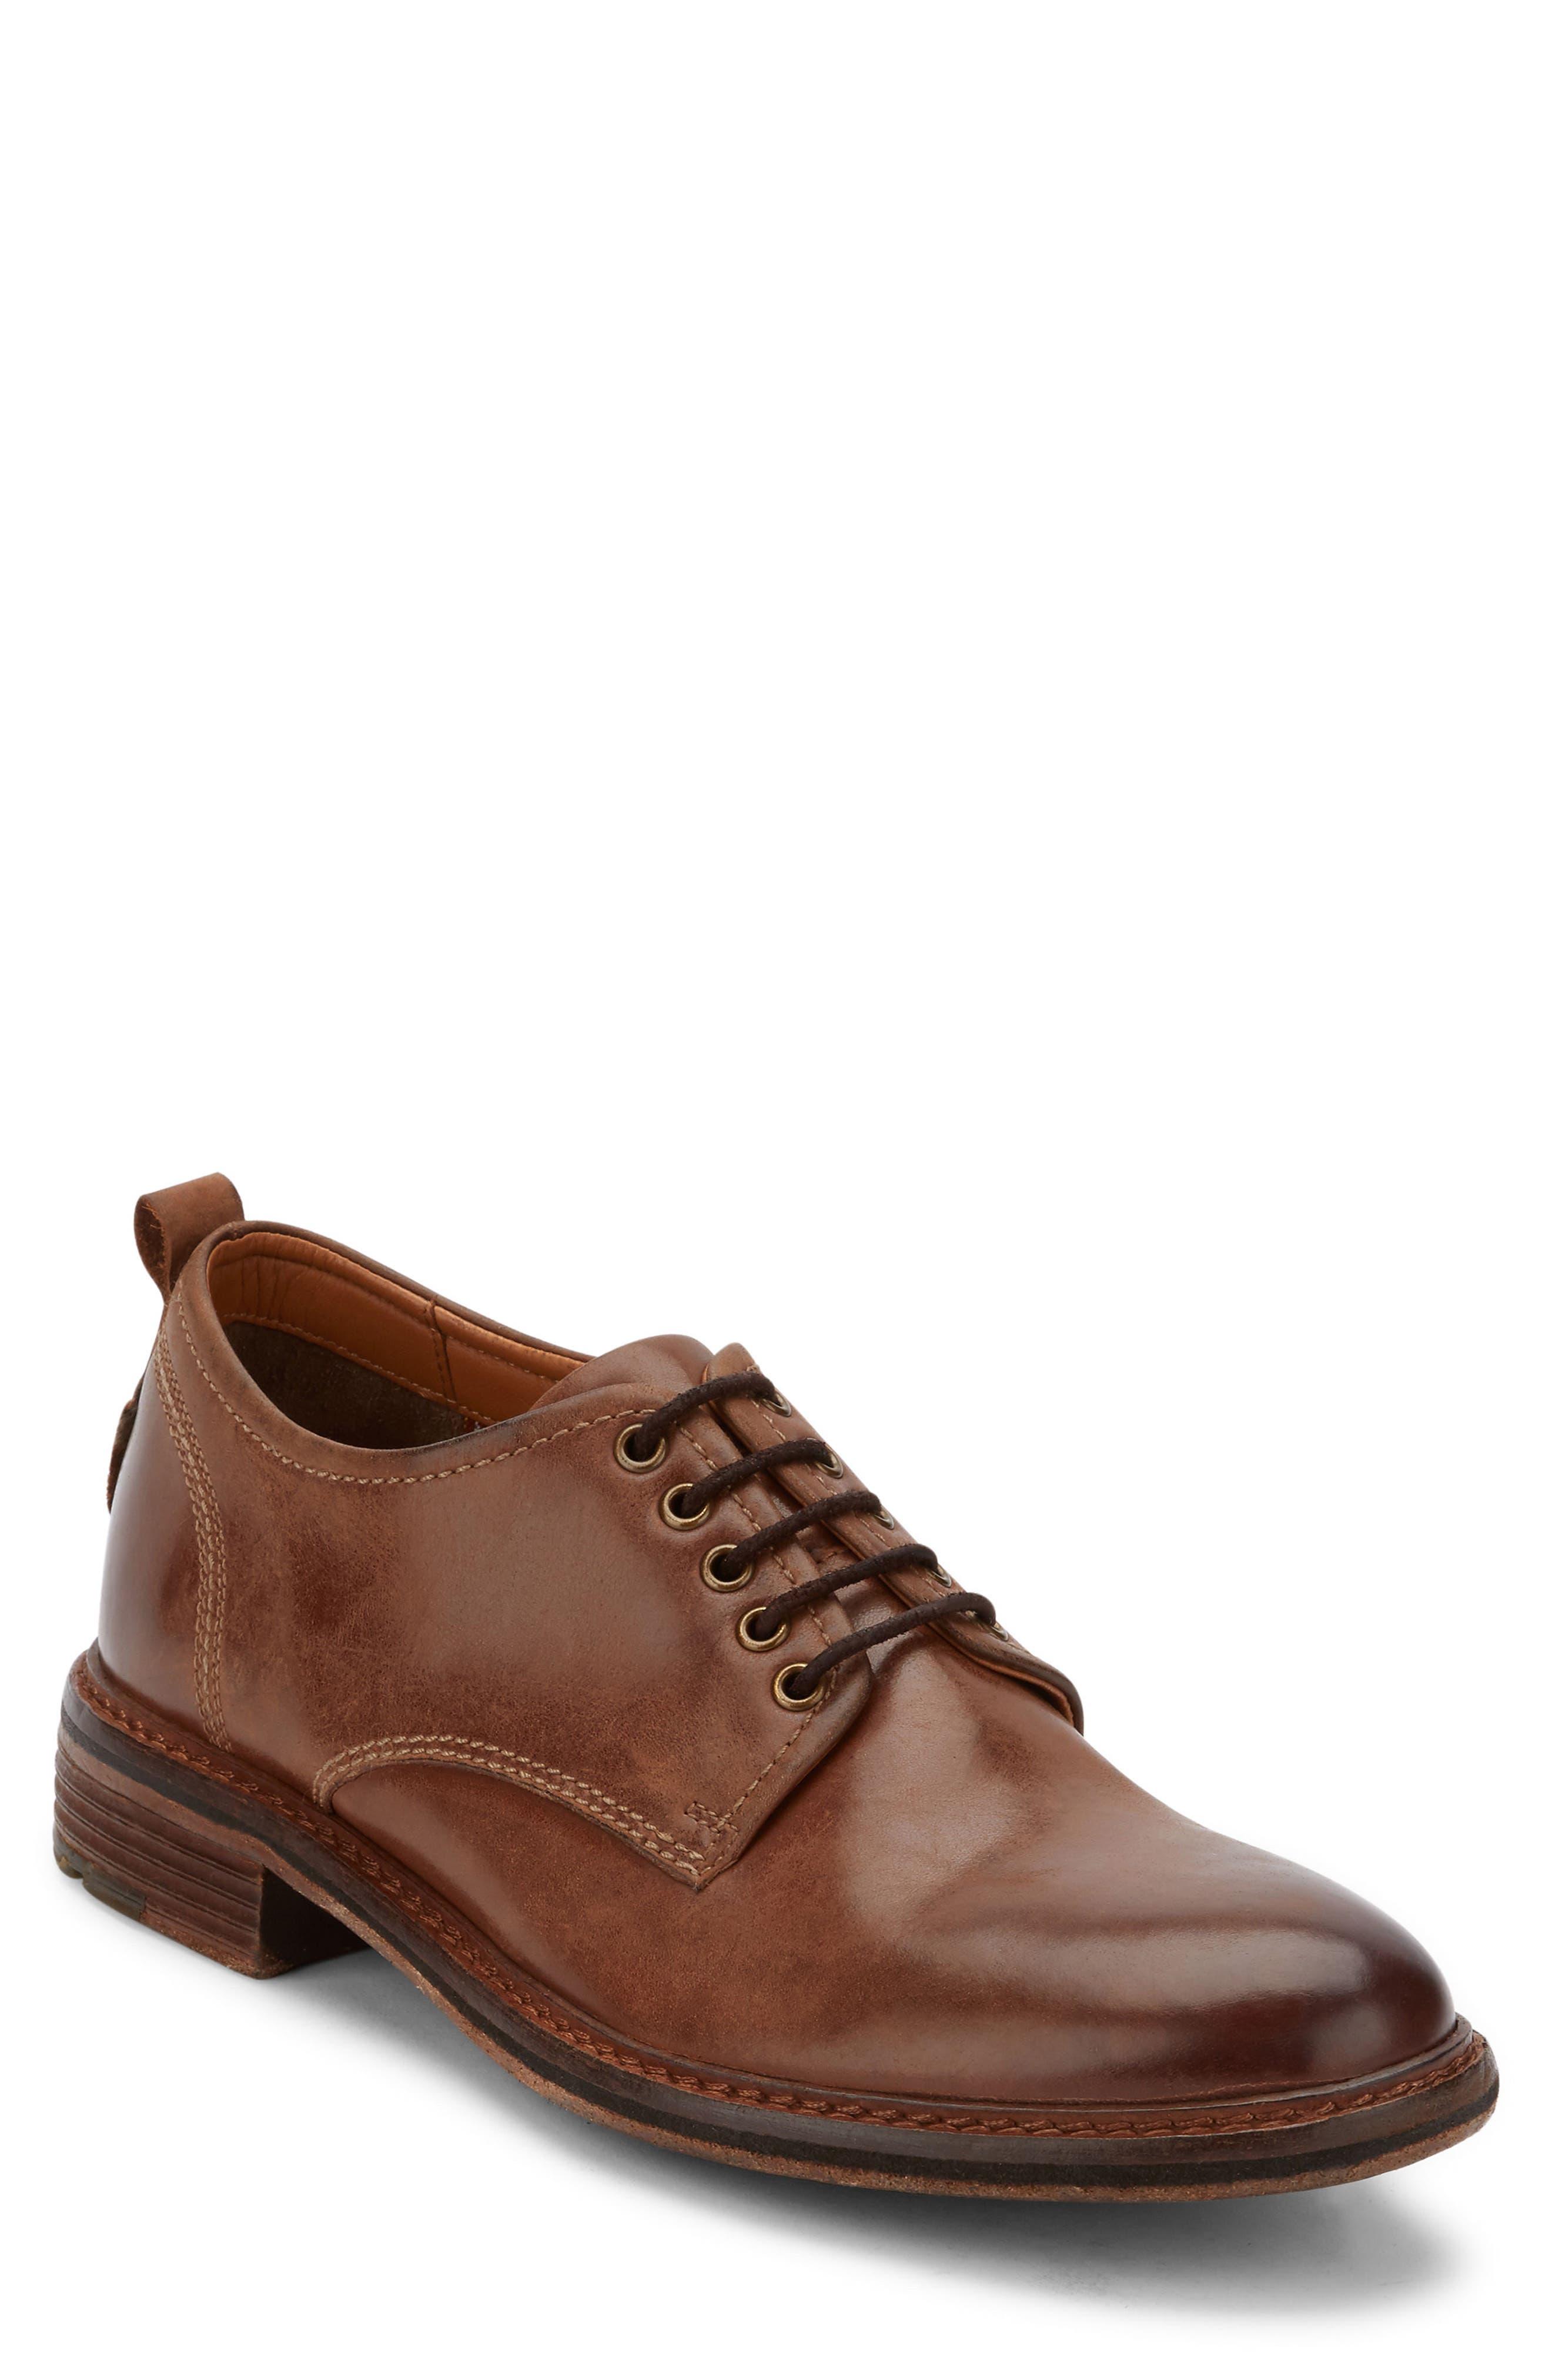 G.H. Bass Hanson Plain Toe Derby,                         Main,                         color, Dark Tan